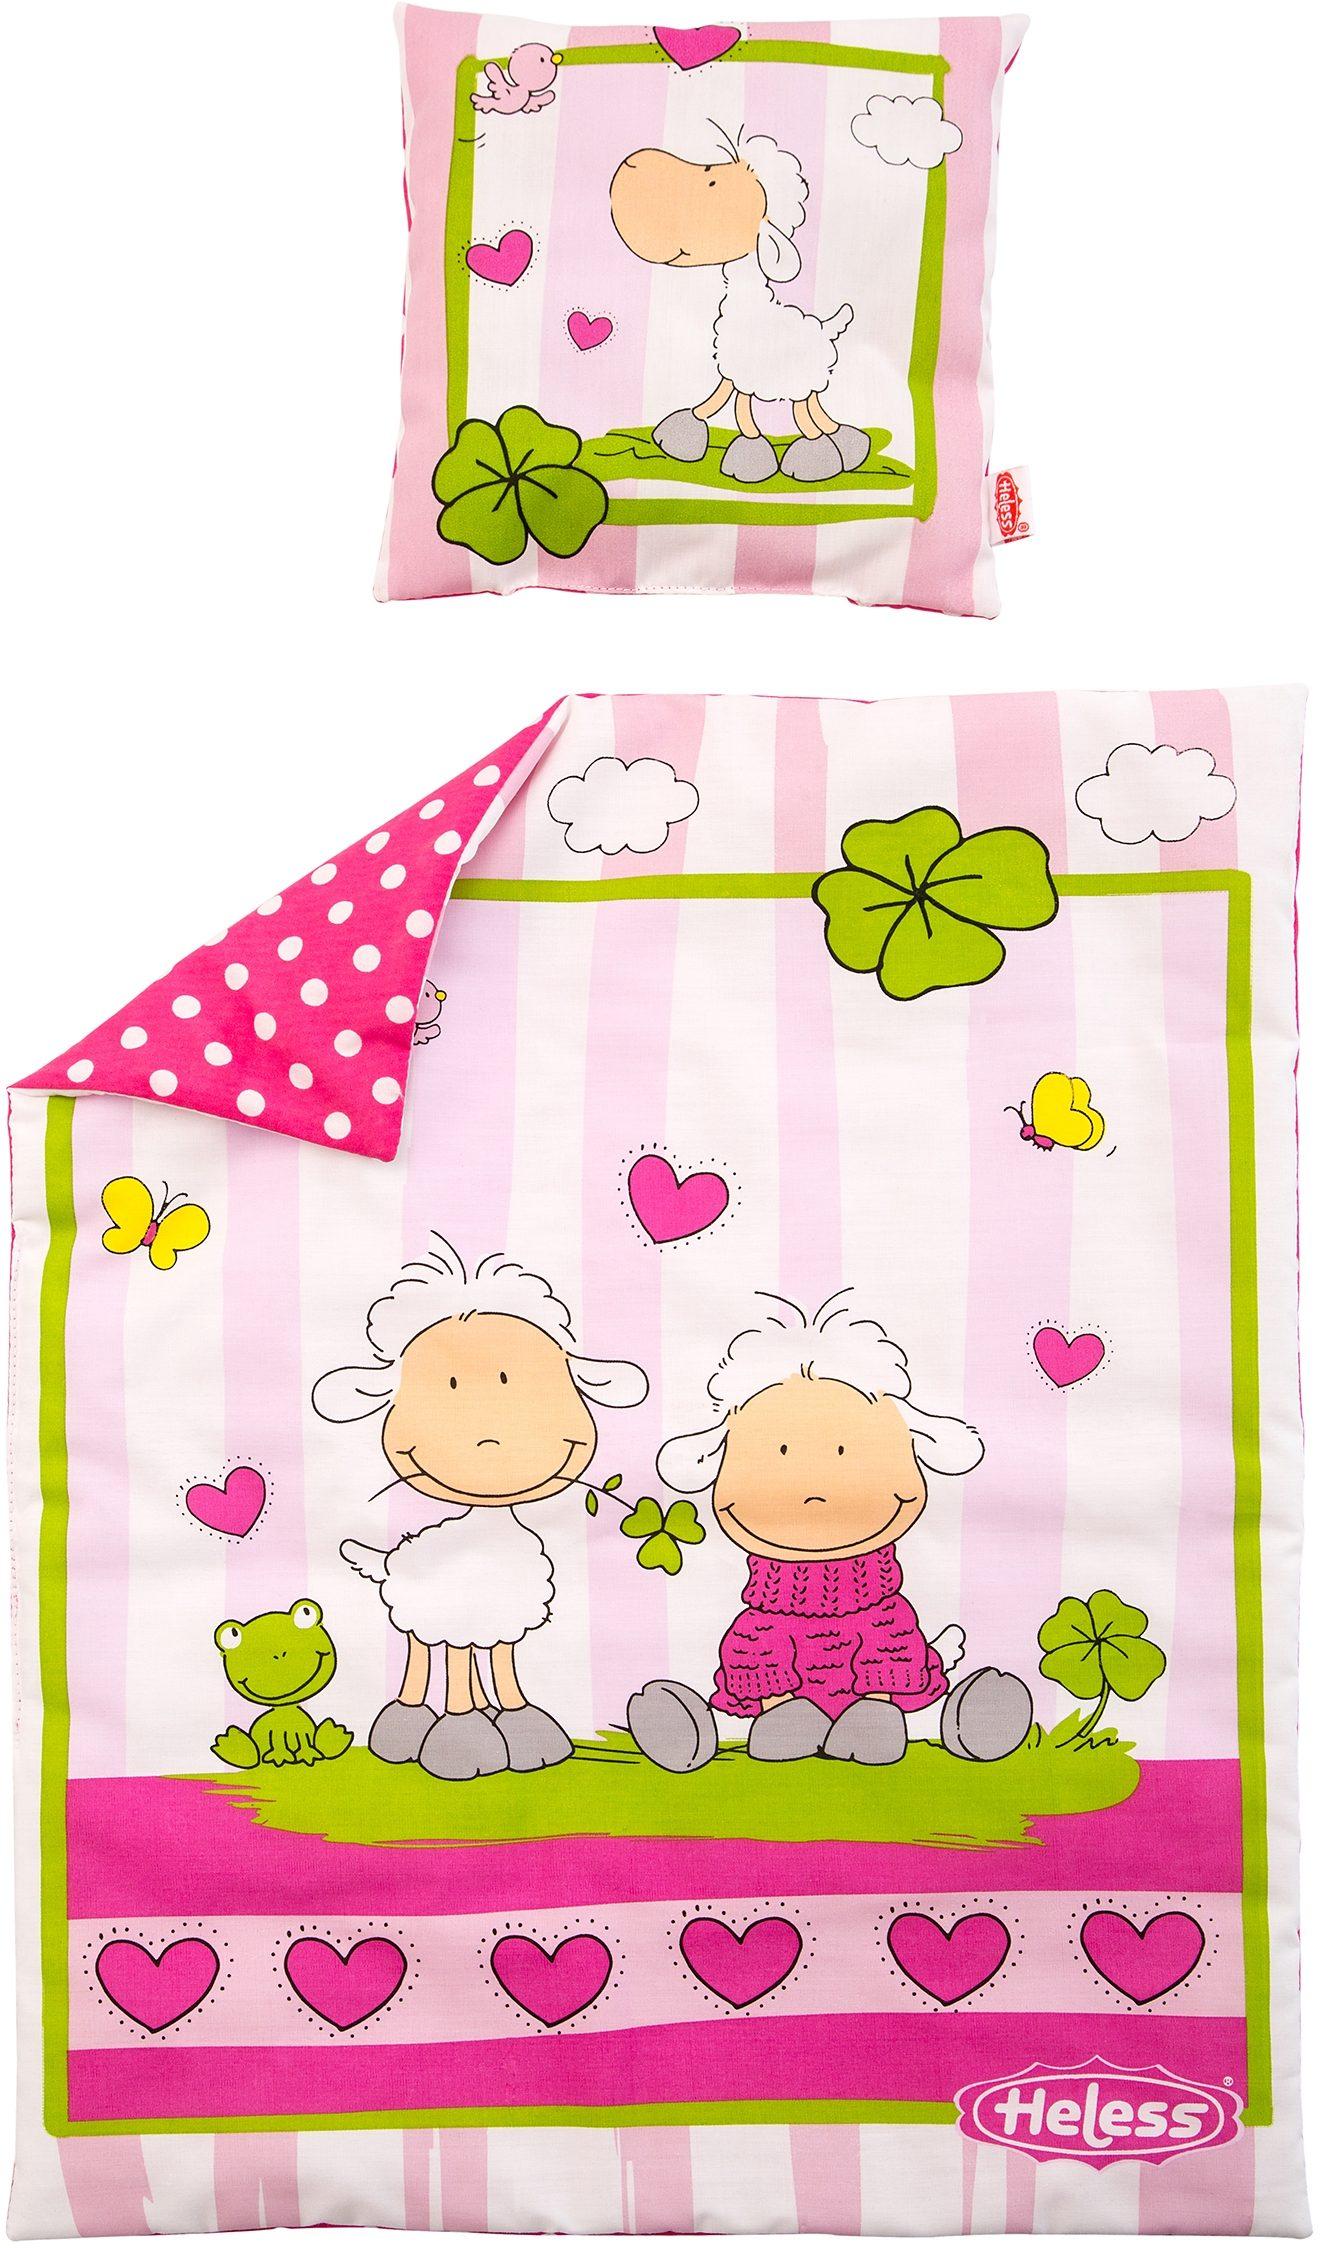 Farbenfrohe Puppenbettwäsche Kissen Bett Puppe neu Puppenwagen Babypuppen & Zubehör